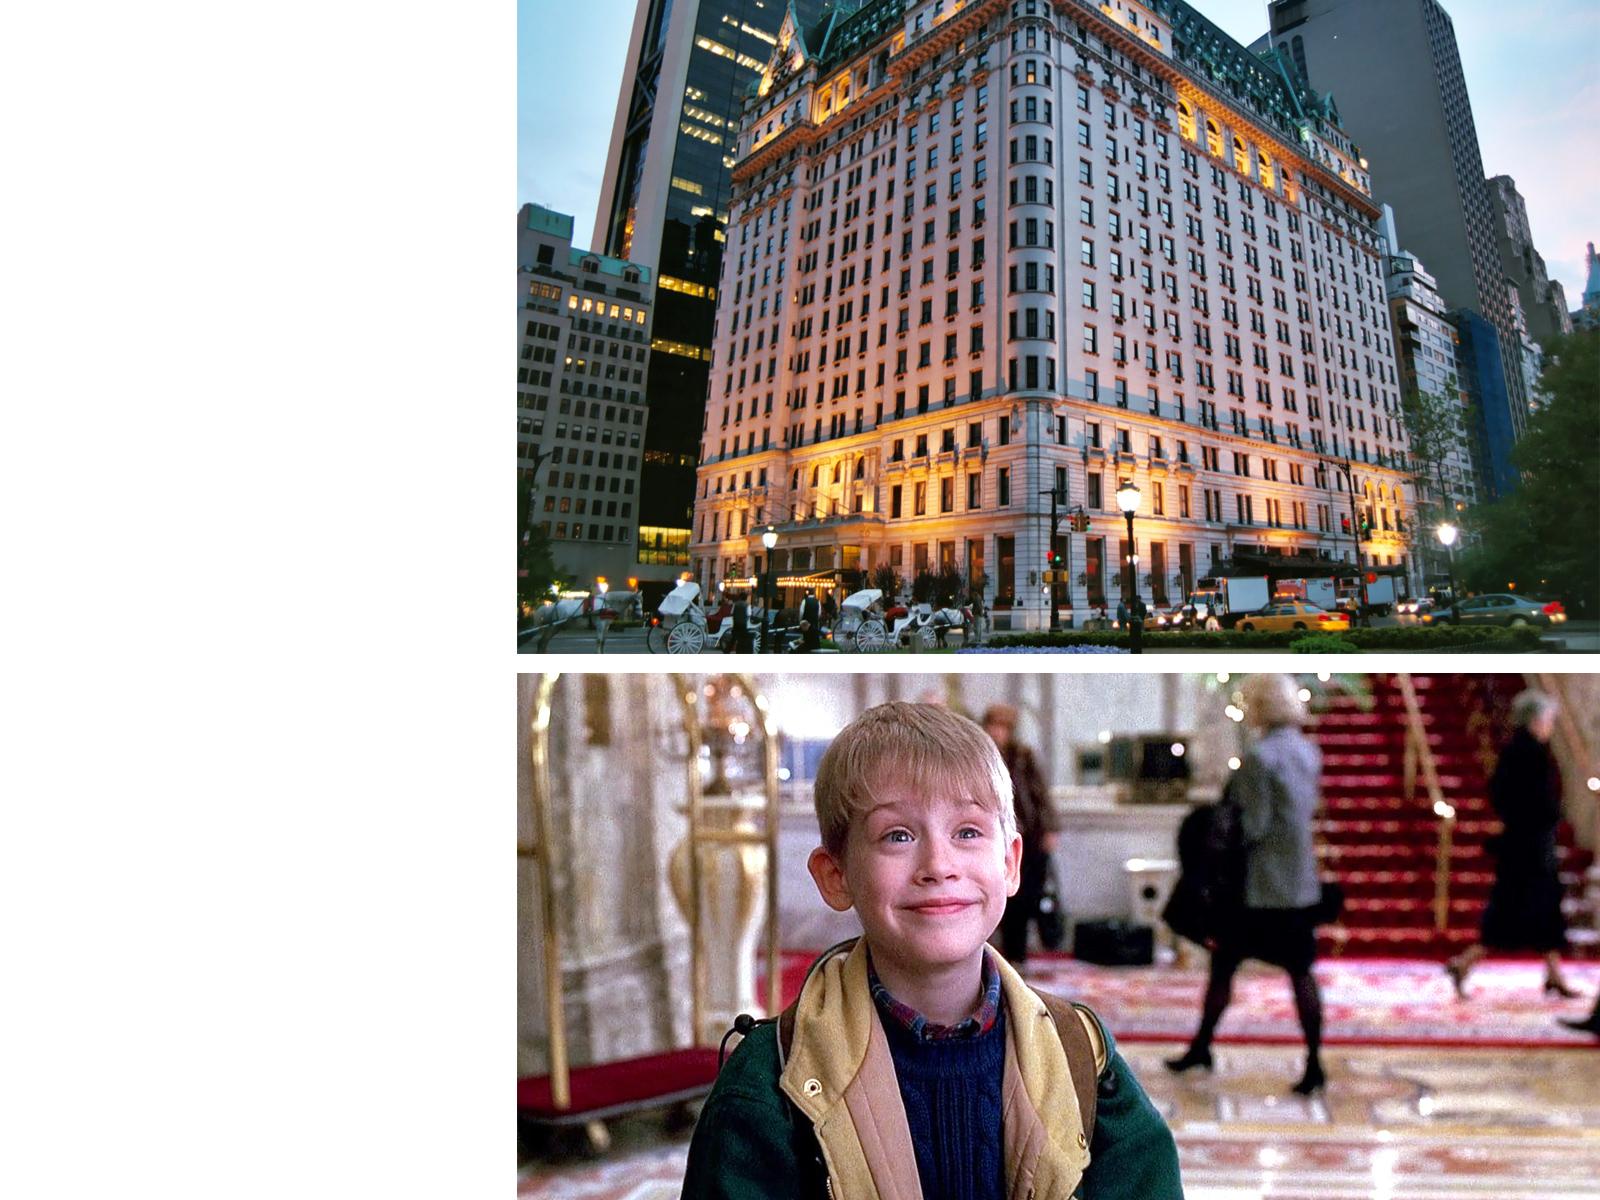 Plaza Hotel, Нью-Йорк: u00abОдин дома-2u00bb, режиссер Крис КоламбусИменно здесь Кевина МакКалистера снова забыли родители, на этот раз, отправившись в Париж. Правда, и малыш был более подготовлен u2014 на руках у него была кредитка отца.